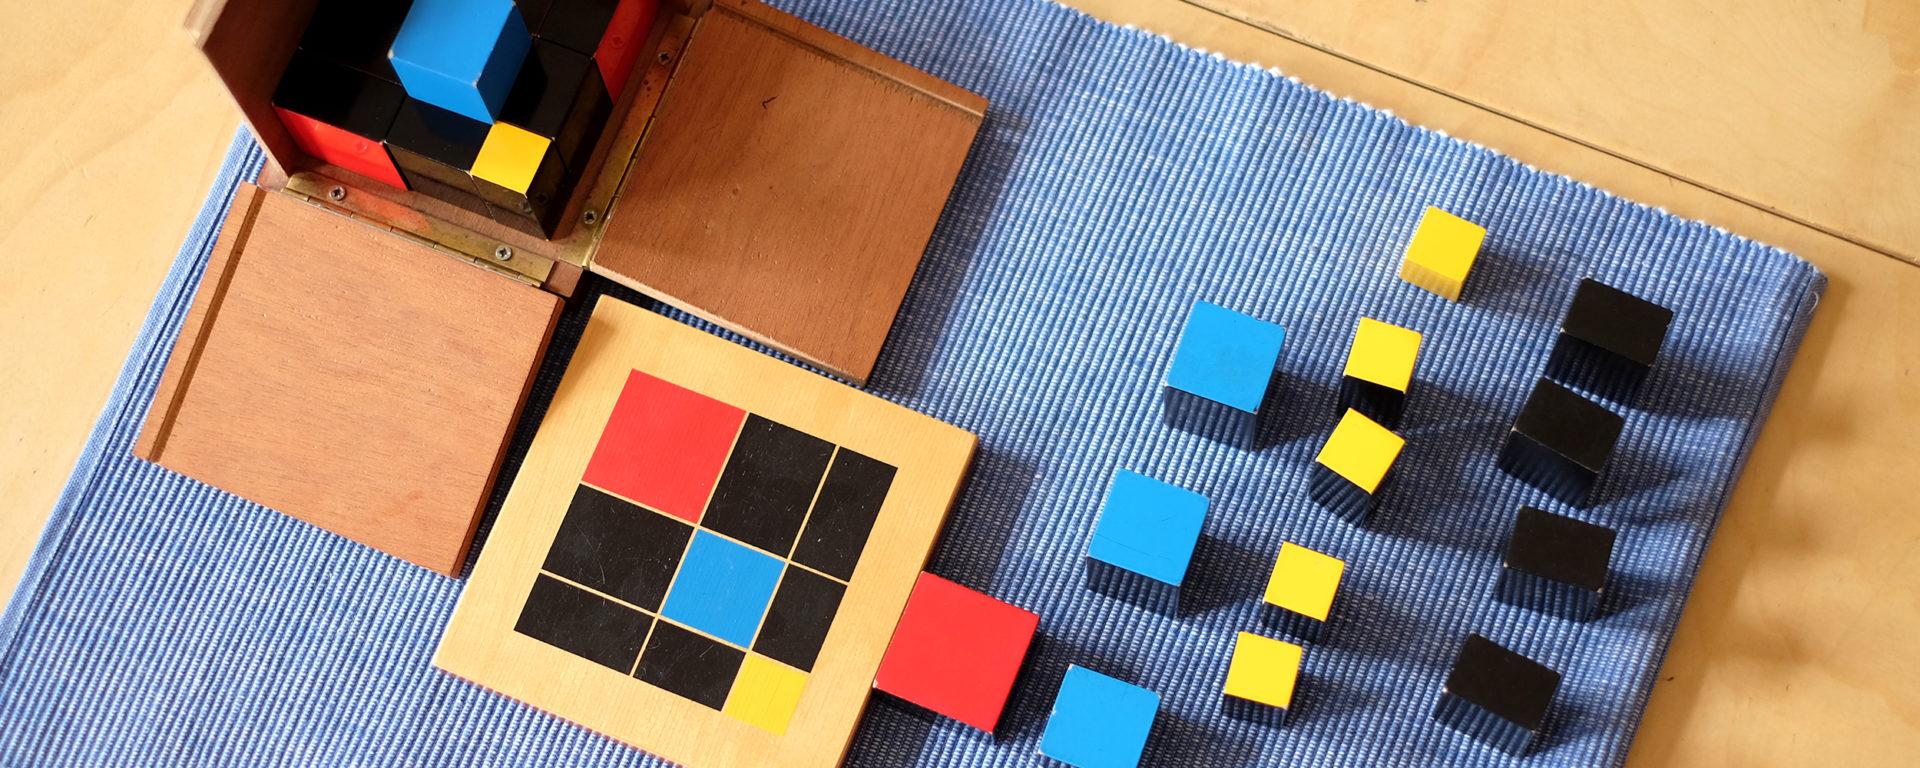 Hölzerne Montessorimaterialien für den Matheunterricht auf einem Teppich